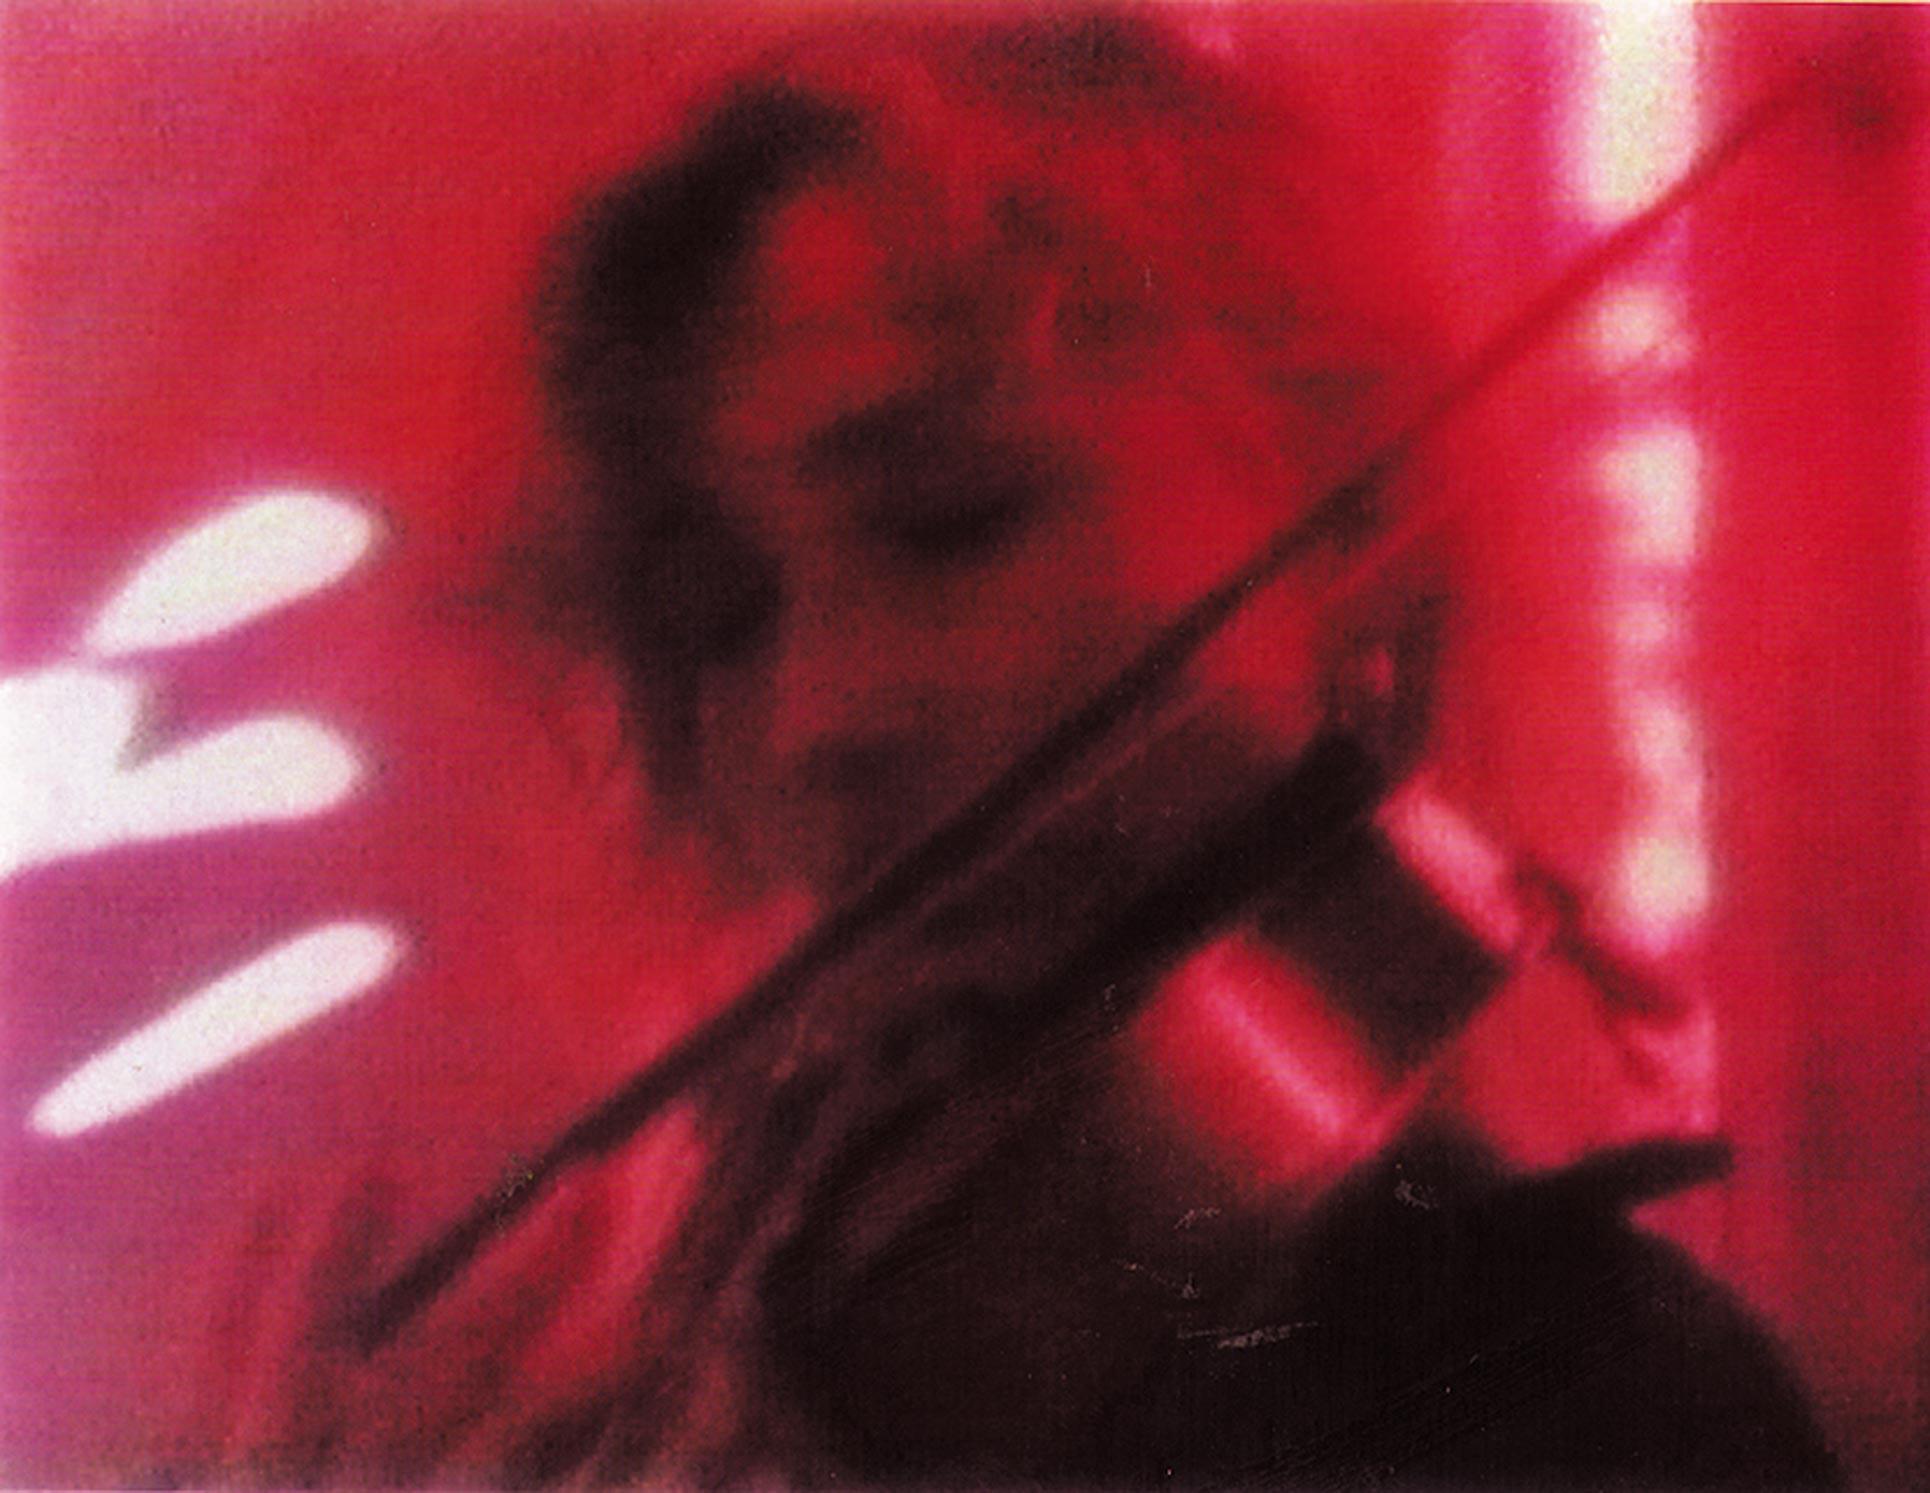 Redetour, Eindhoven videostill, Charlotte Hug playing violin